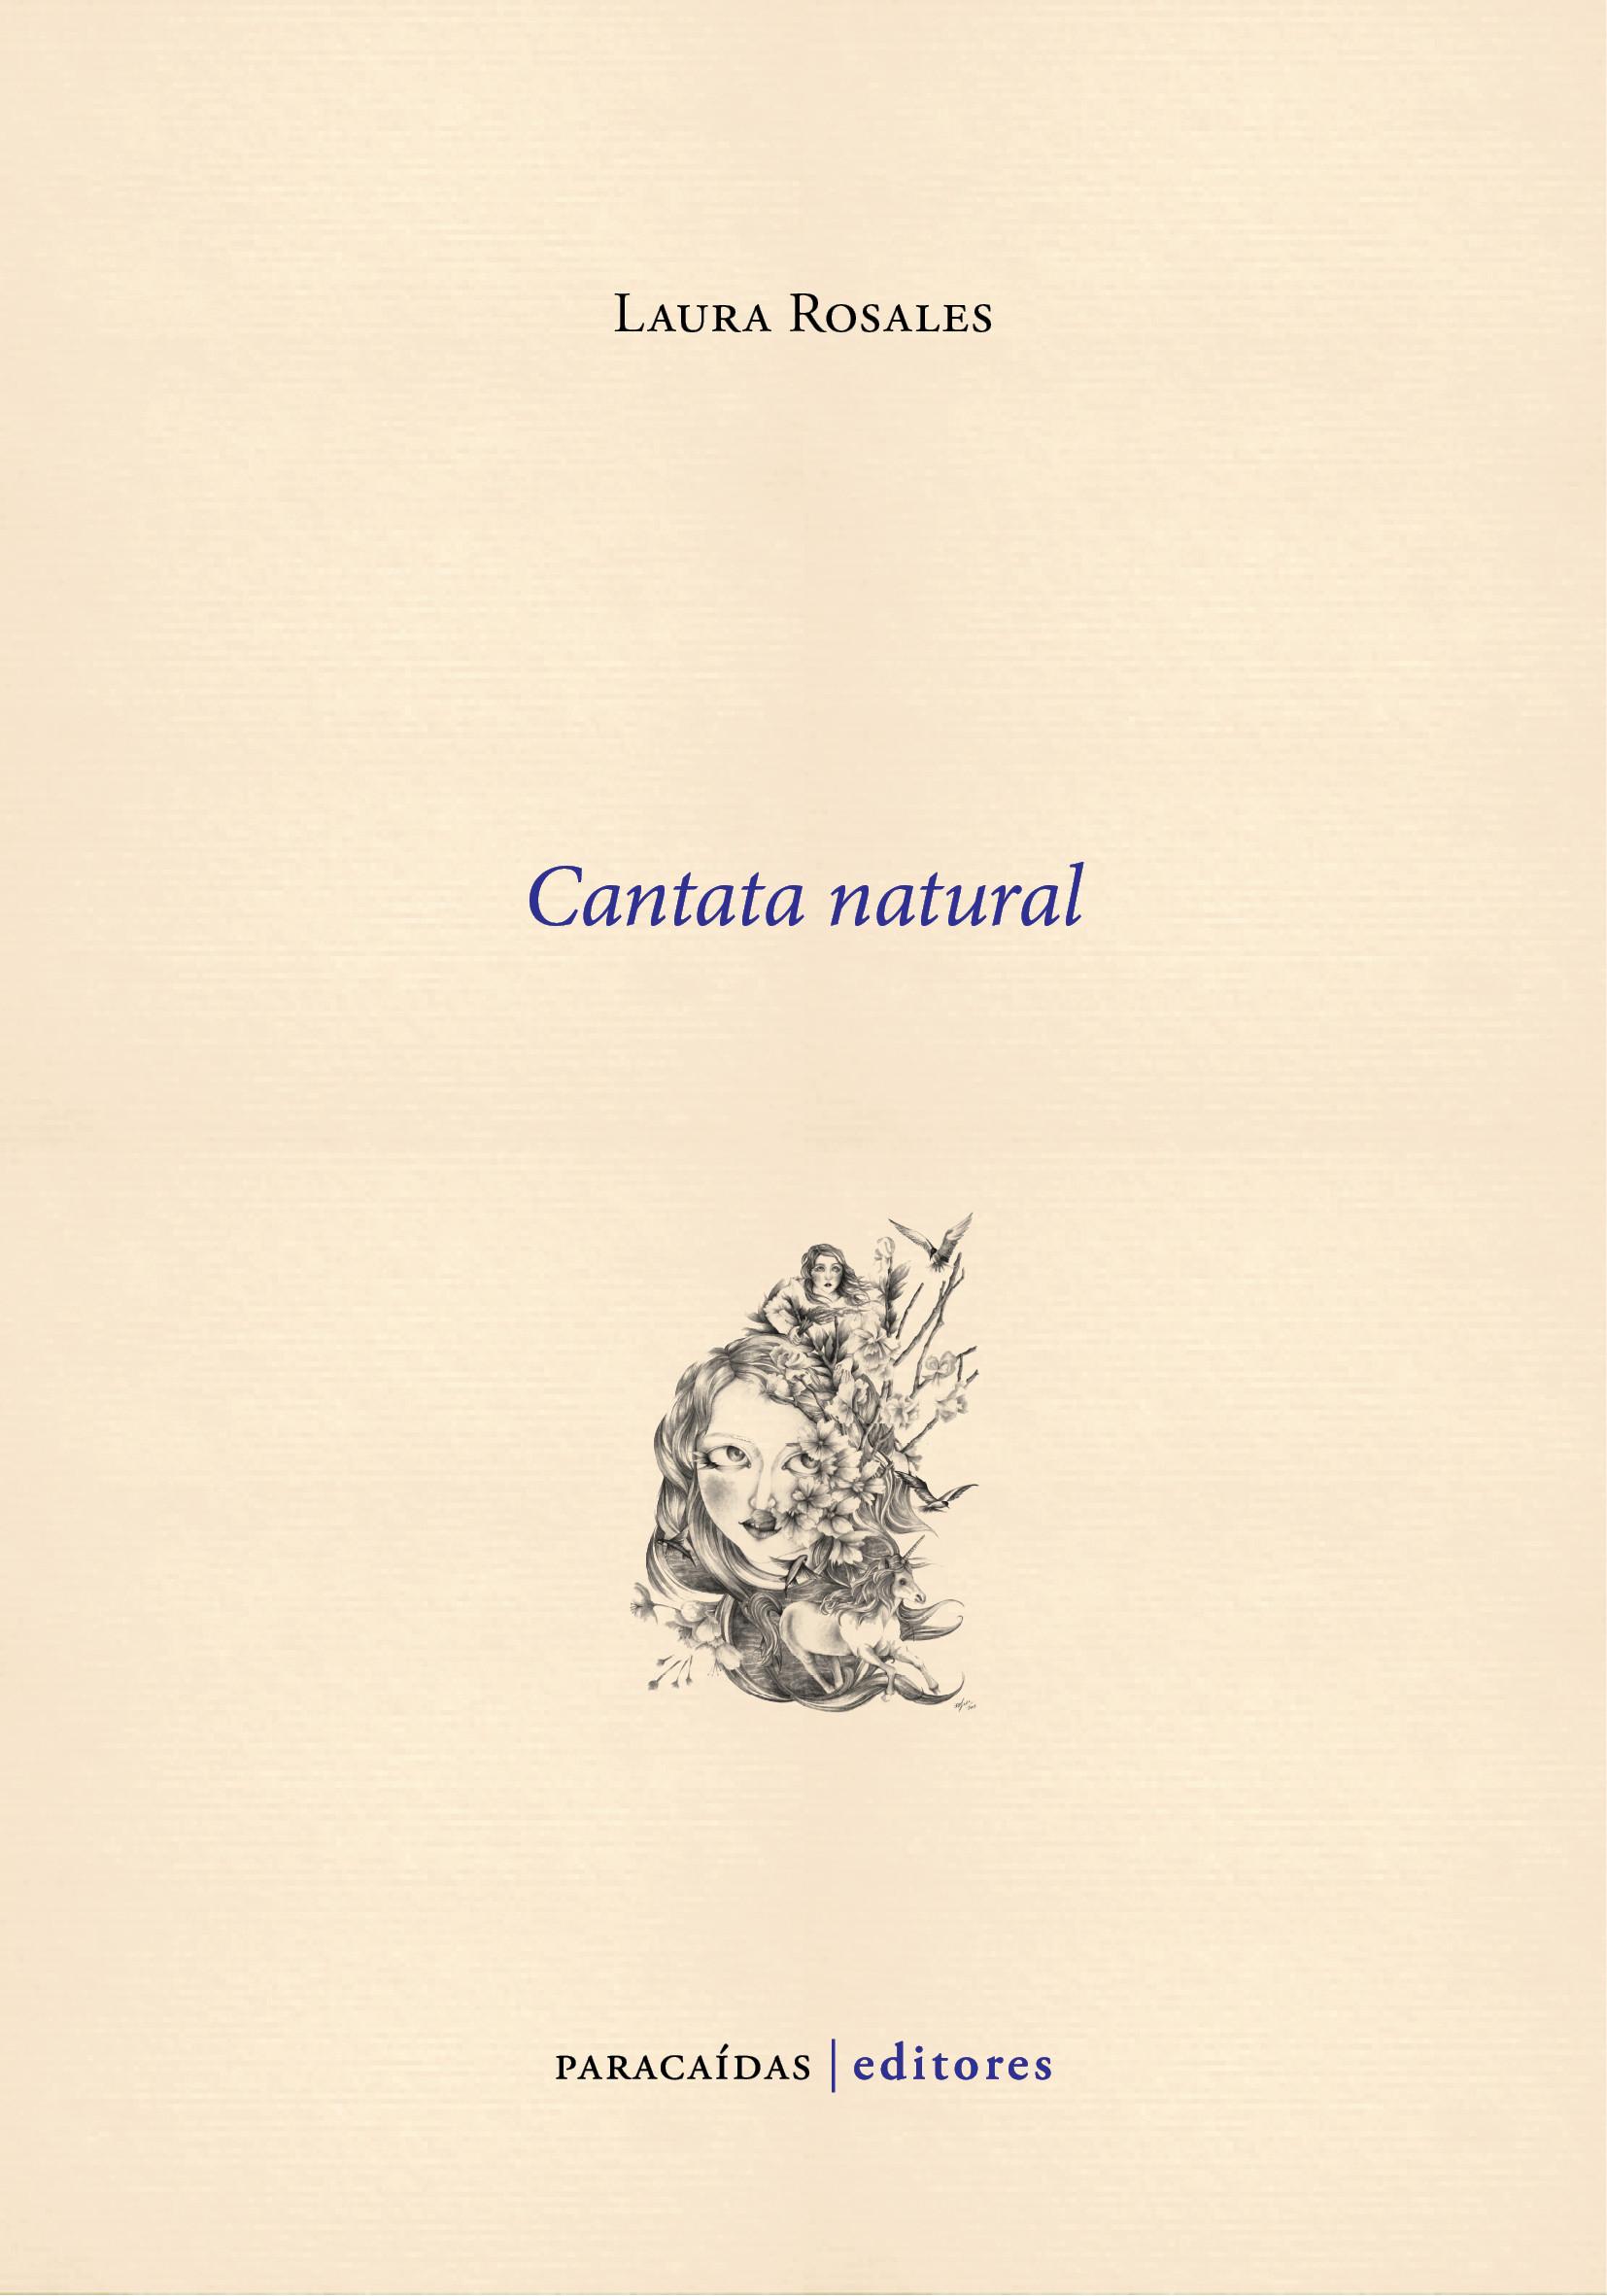 Cantata natural